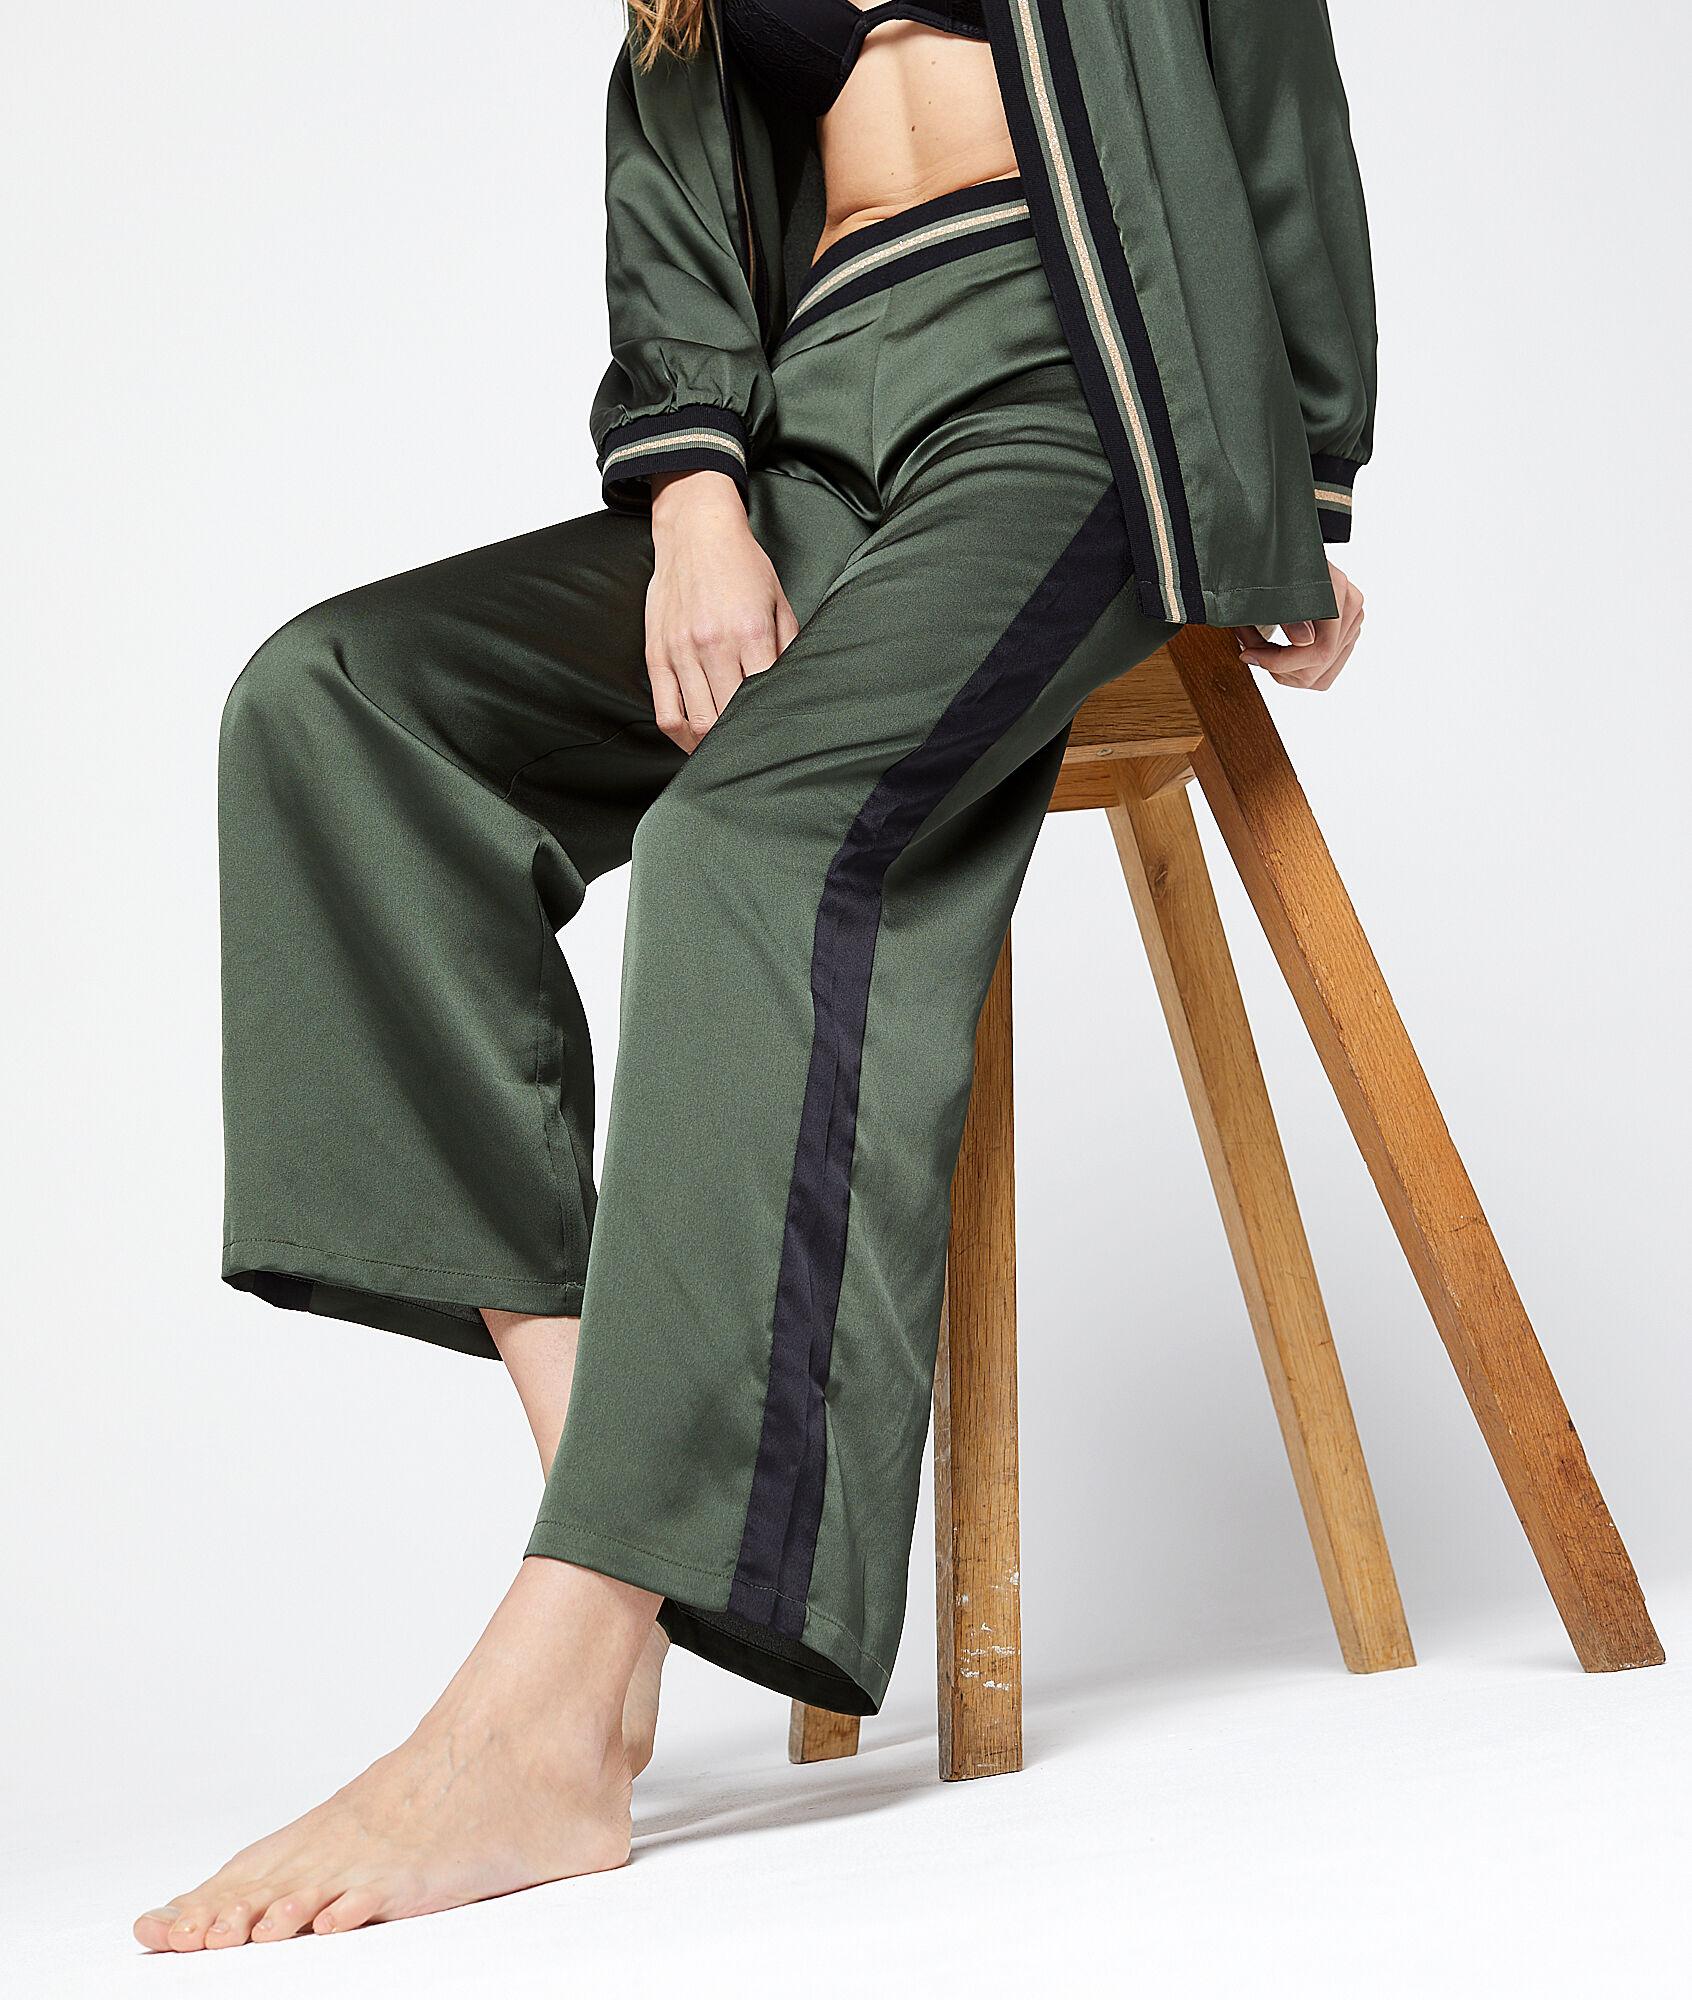 SEYLAN Satynowe spodnie z lampasami w kontrastowym kolorze